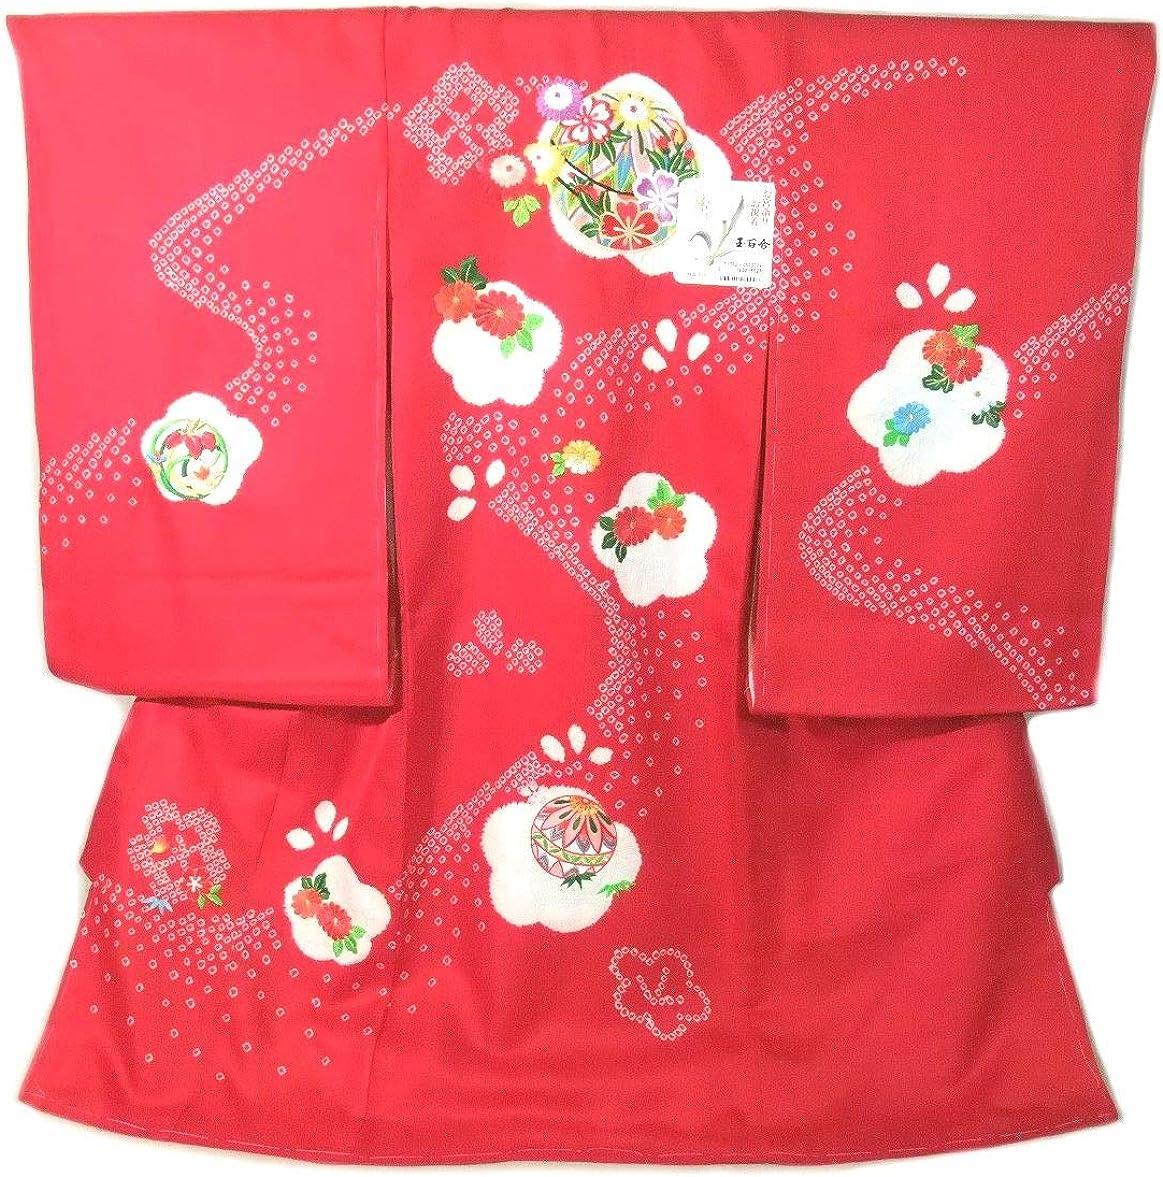 お宮参り 女の子 着物 産着 初着 お祝い着 絞り刺繍 日本製 ug285